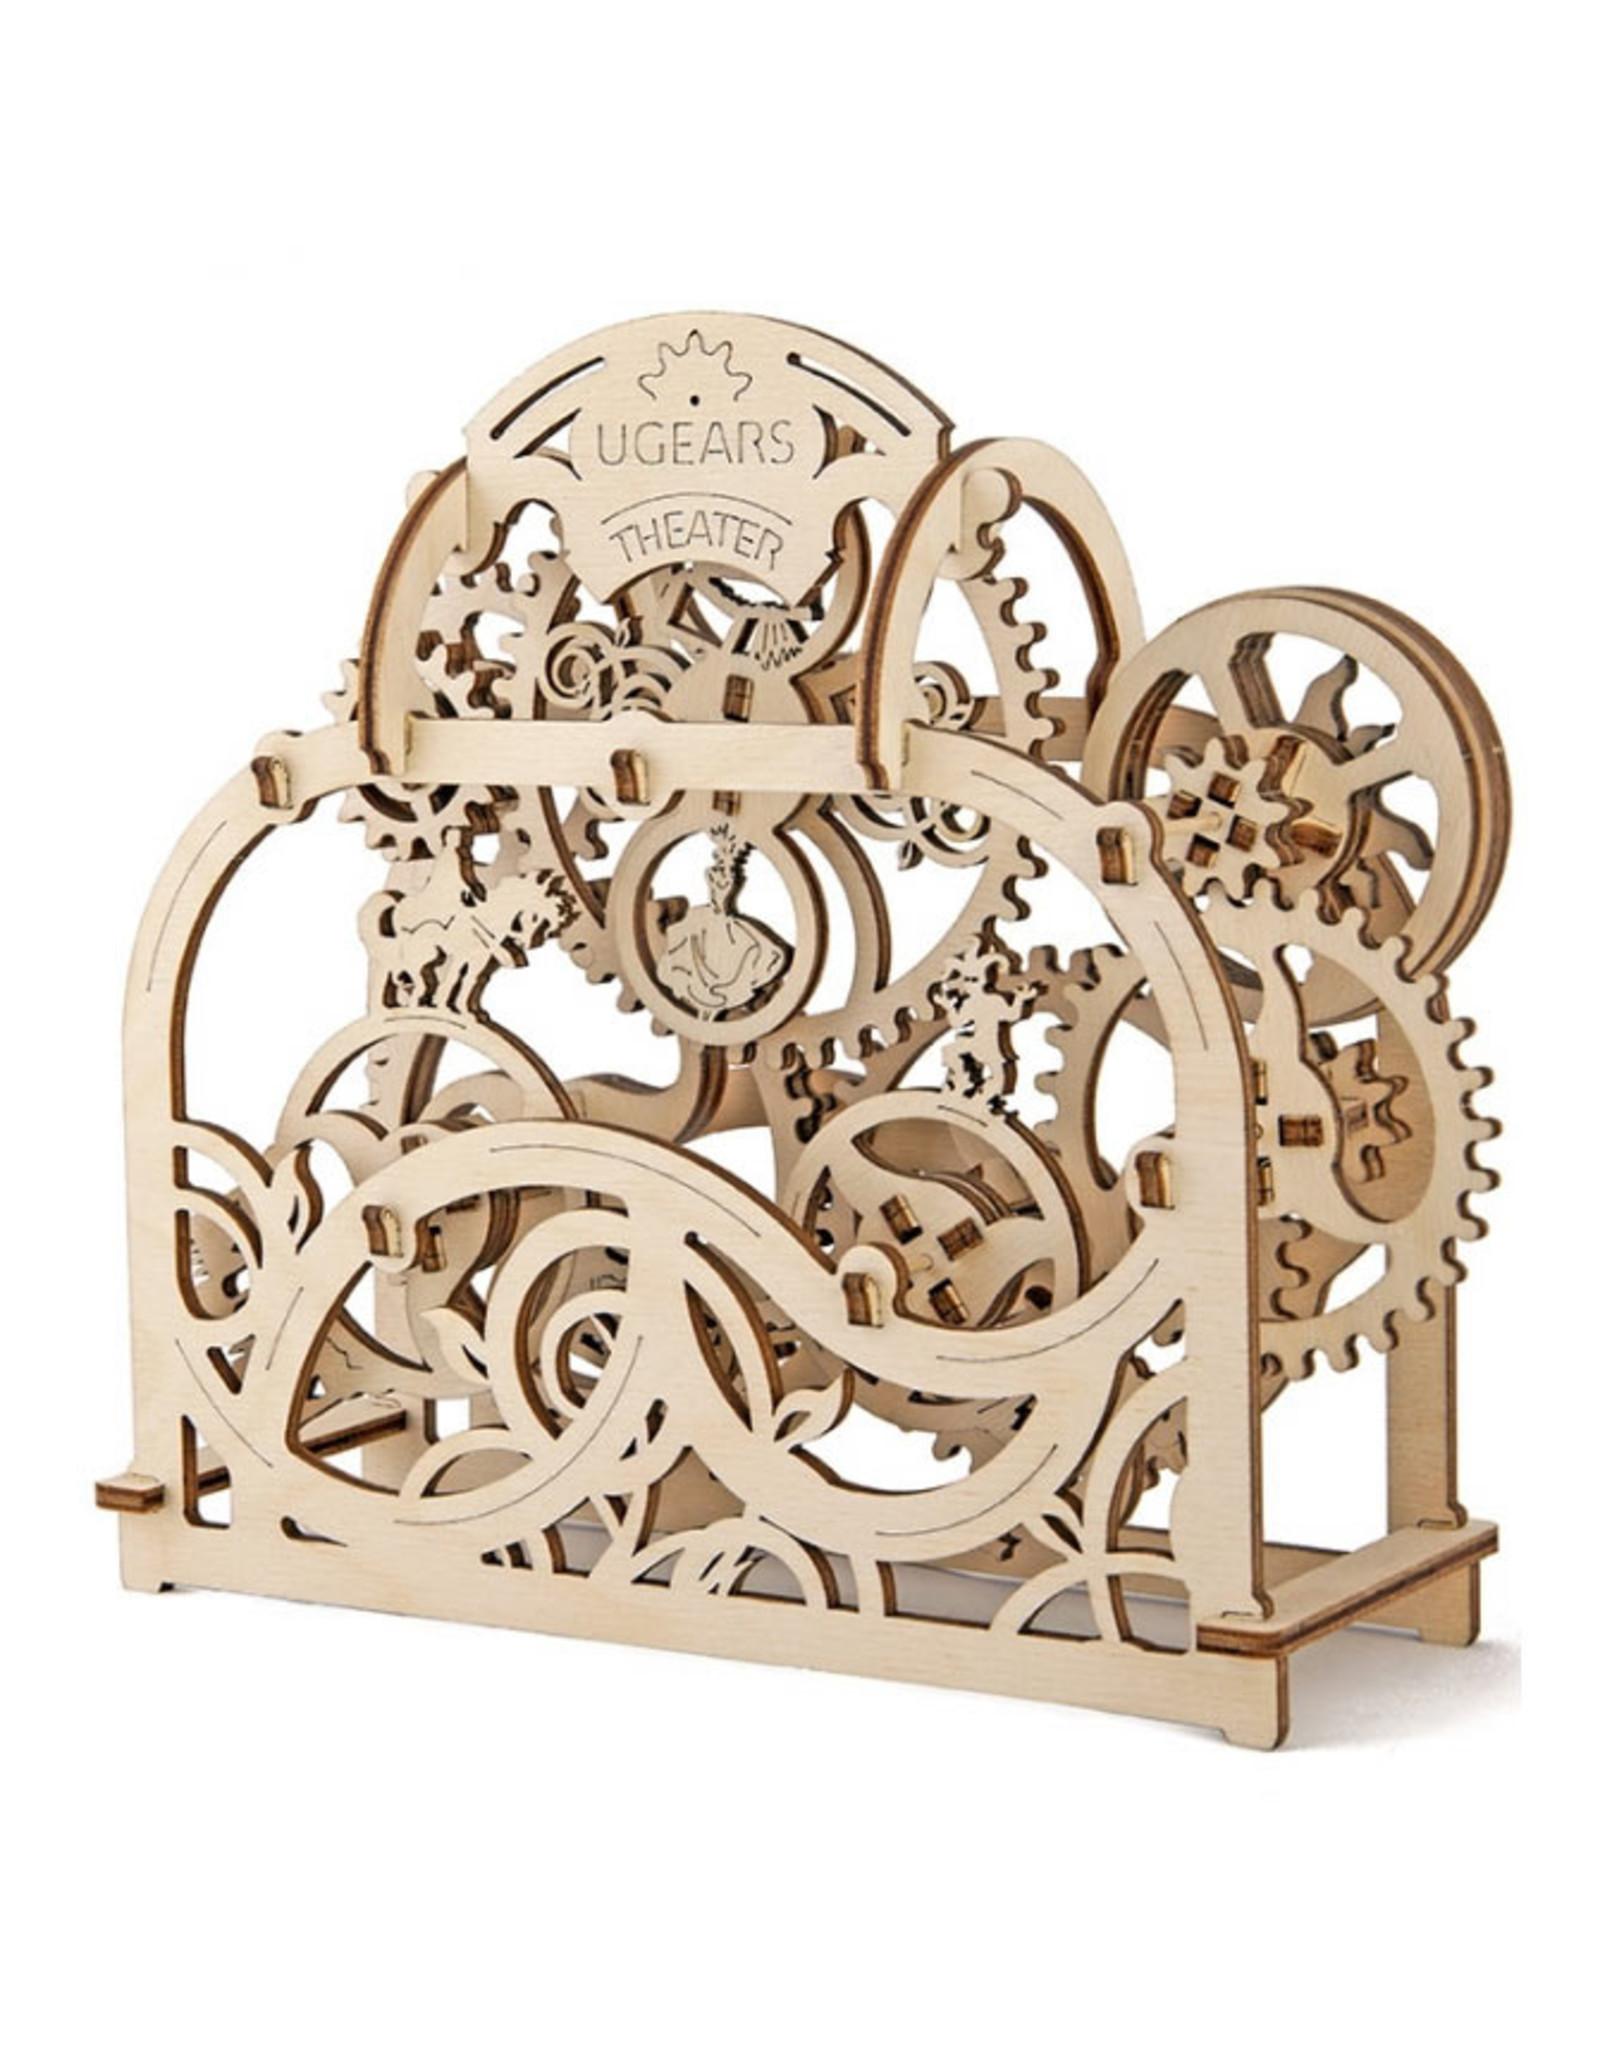 Ugears mechanische 3D-bouwpakketten Theater (mechanisch houten 3D-bouwpakket)